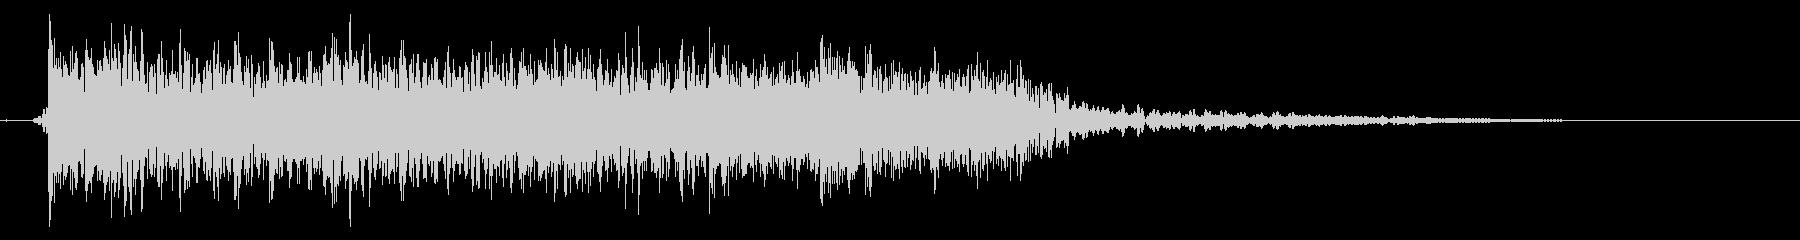 メタルサウンドのSEの未再生の波形